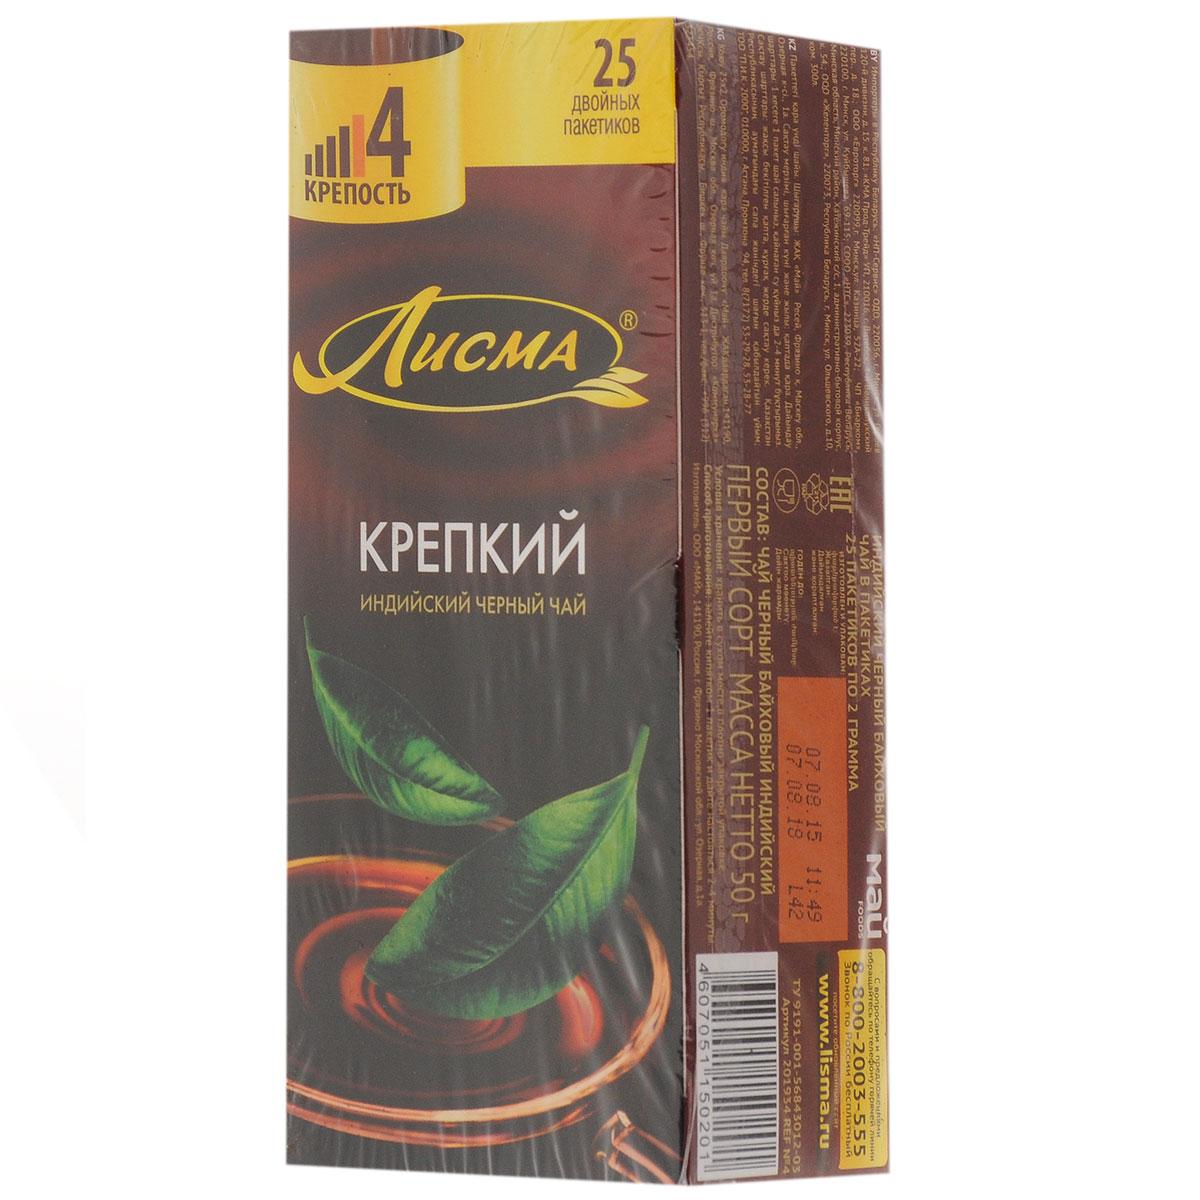 Лисма Крепкий черный чай в пакетиках, 25 шт